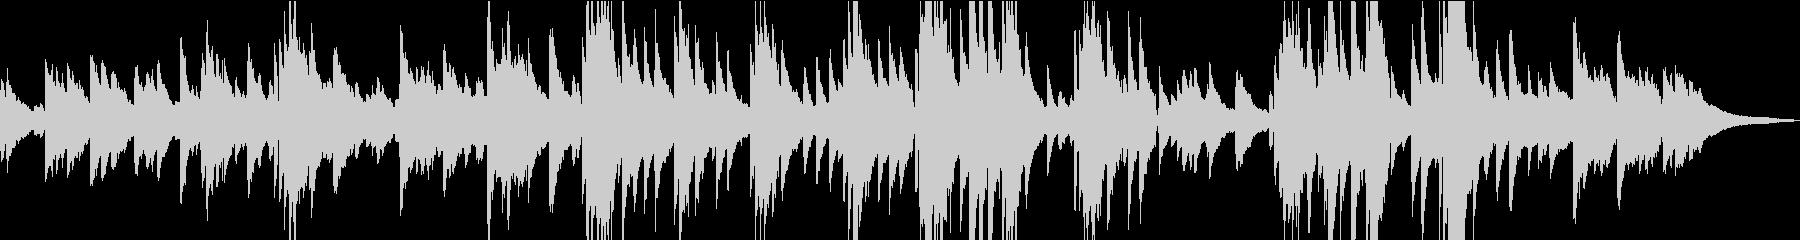 夜明けをイメージしたピアノ曲の未再生の波形